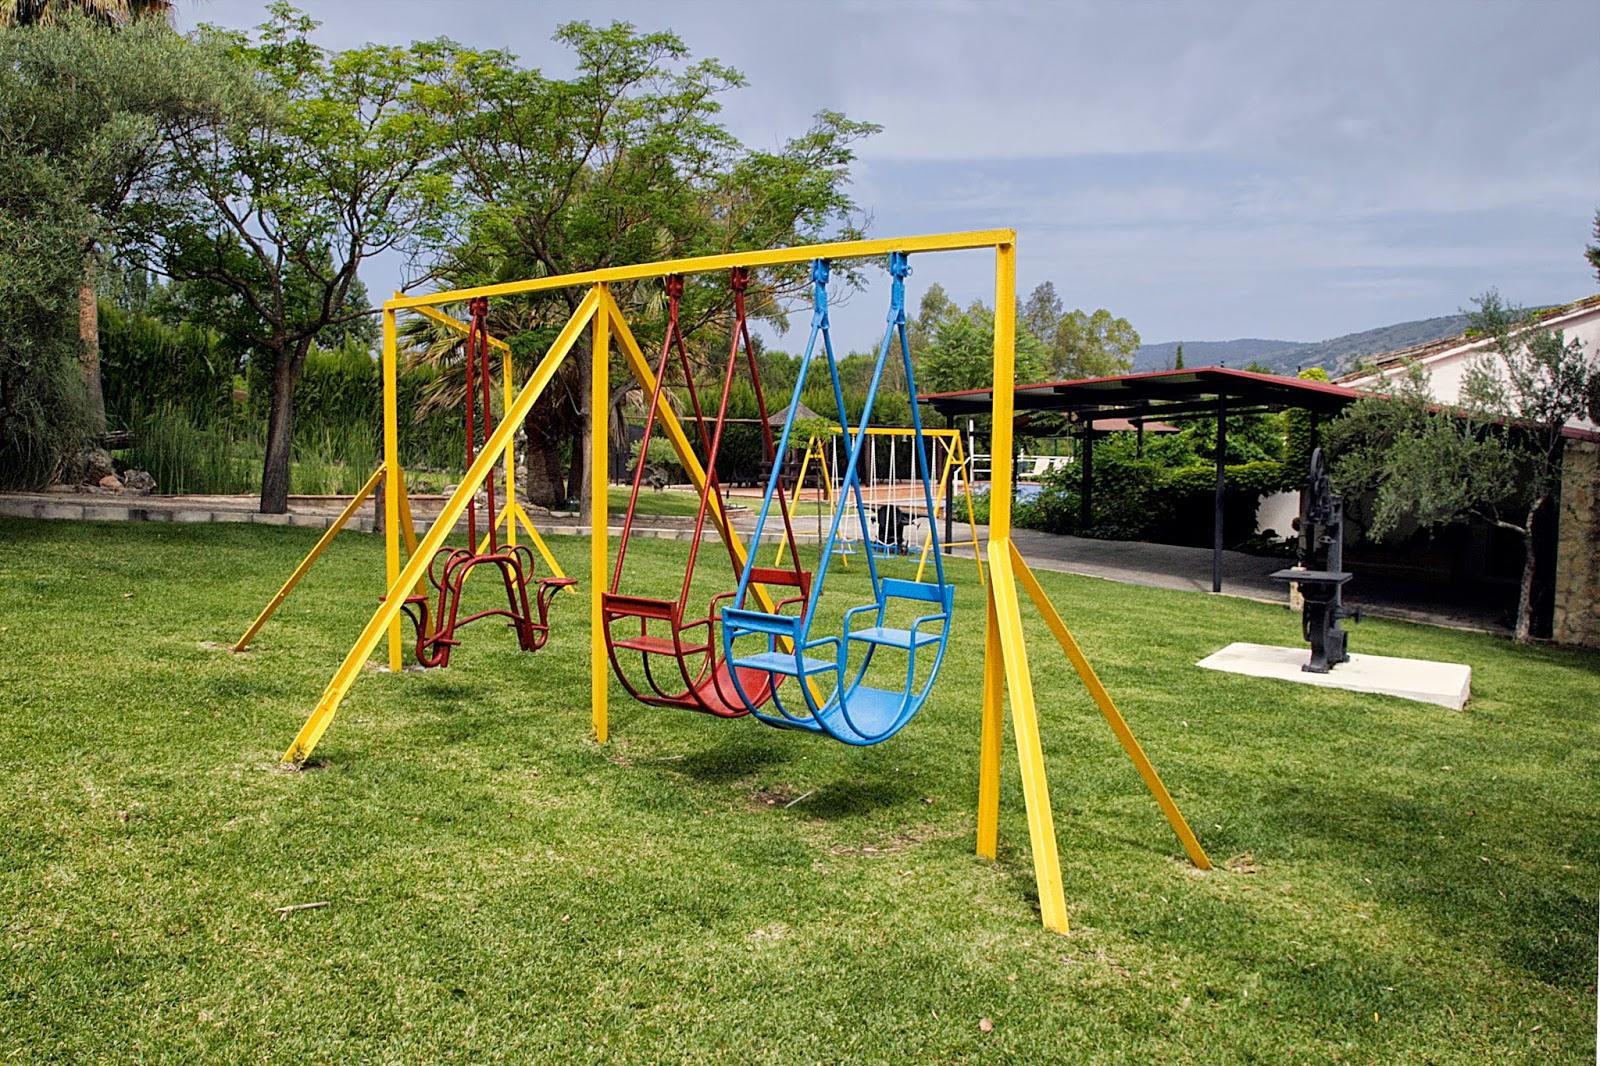 Casa luisa ronda parque infantil - Parque infantil casa ...